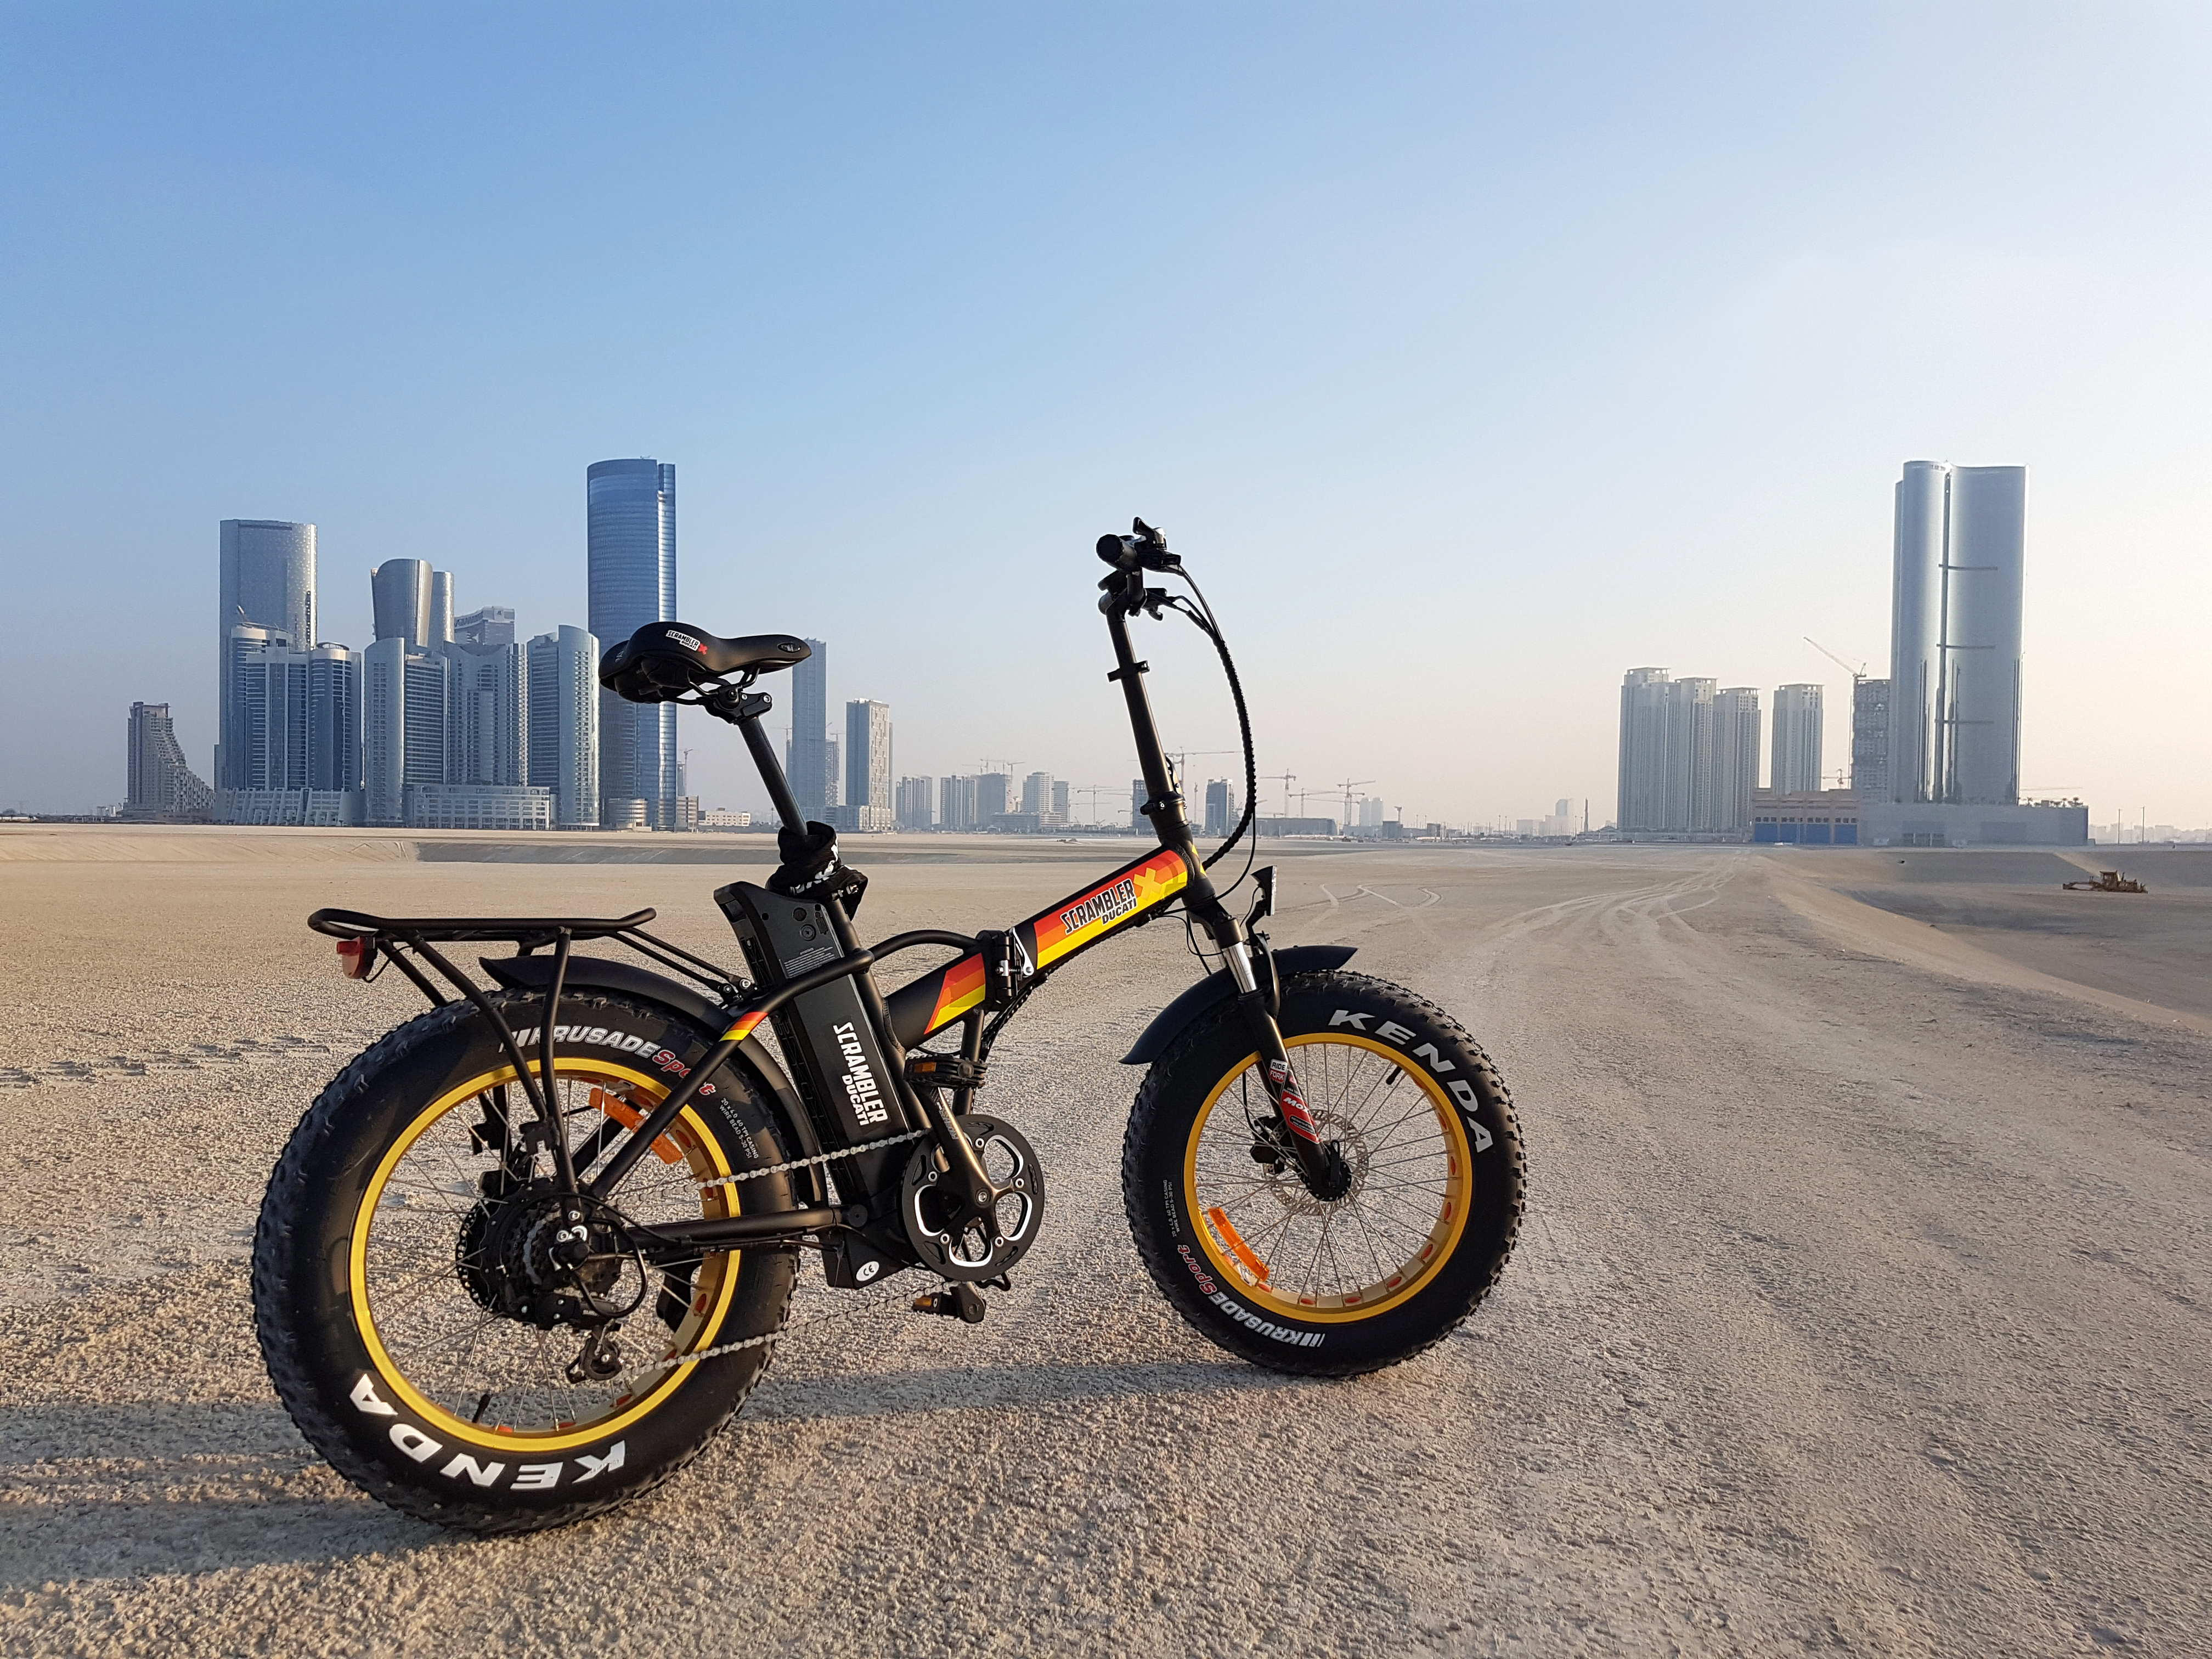 Scrambler Ducati Ebike Foldable In Black E Yellow Edition